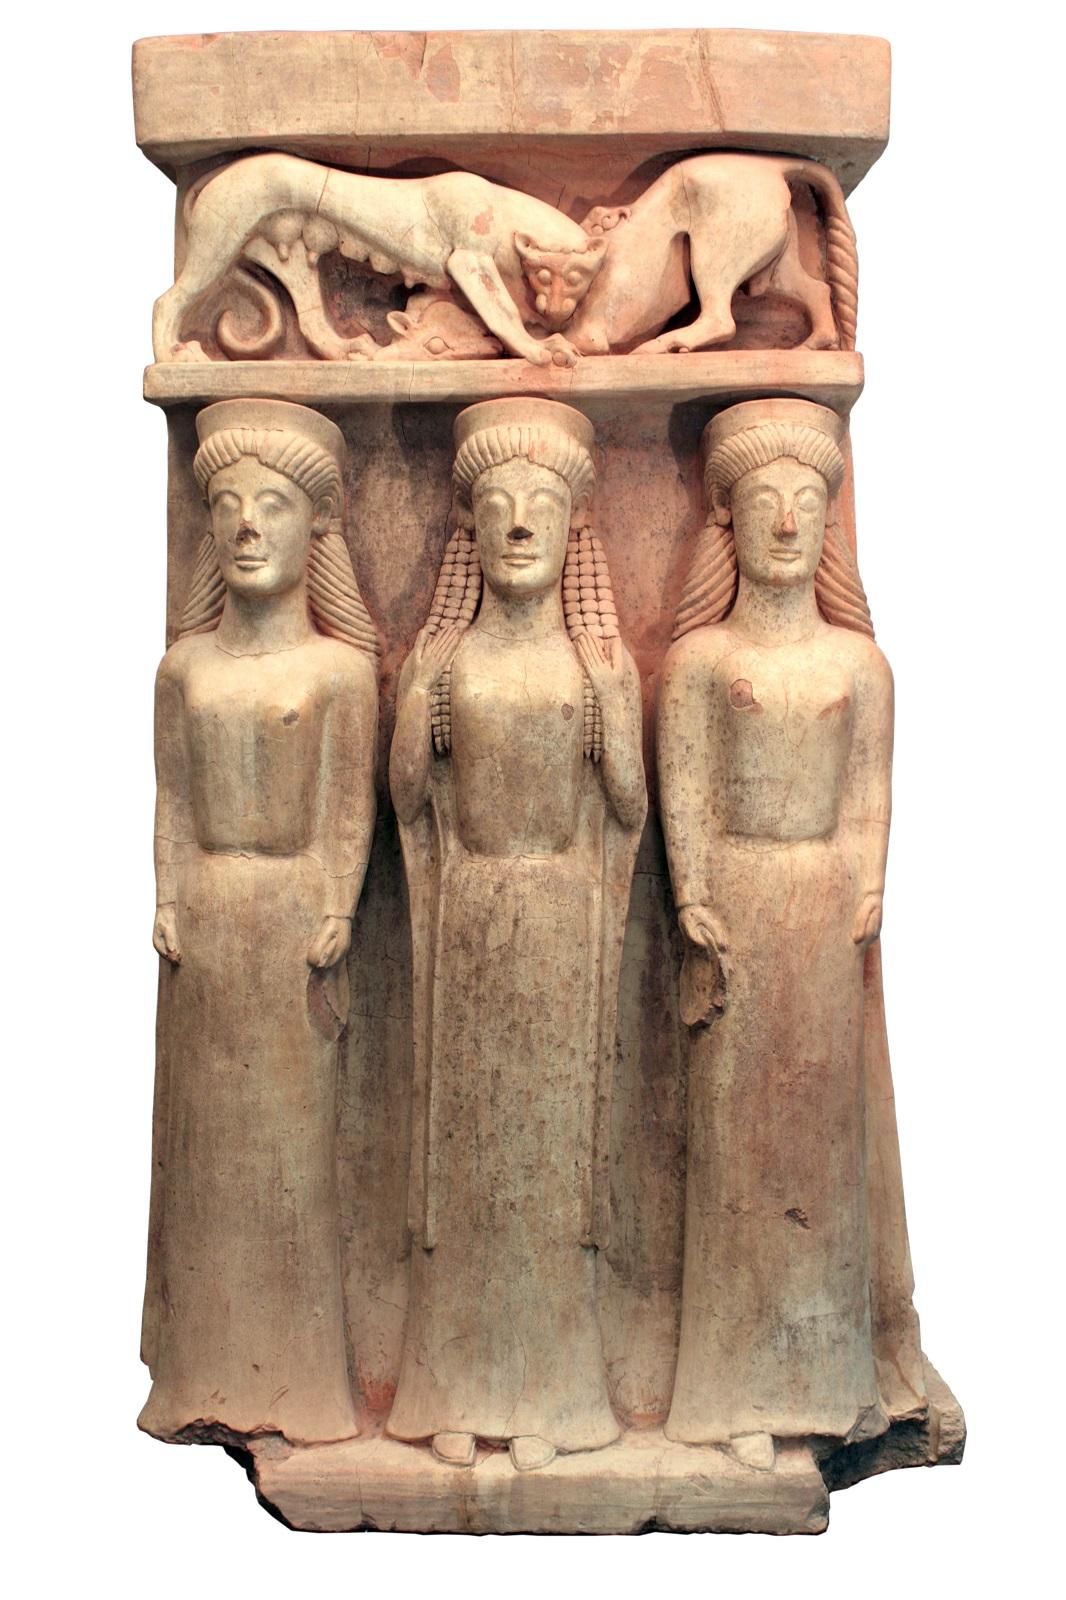 Terracotta altaar met drie vrouwen en een panter die een stier verscheurt. Gela, Sicilië. C.500 BC. Museo Archeologico Regionale di Gela © Regione Siciliana